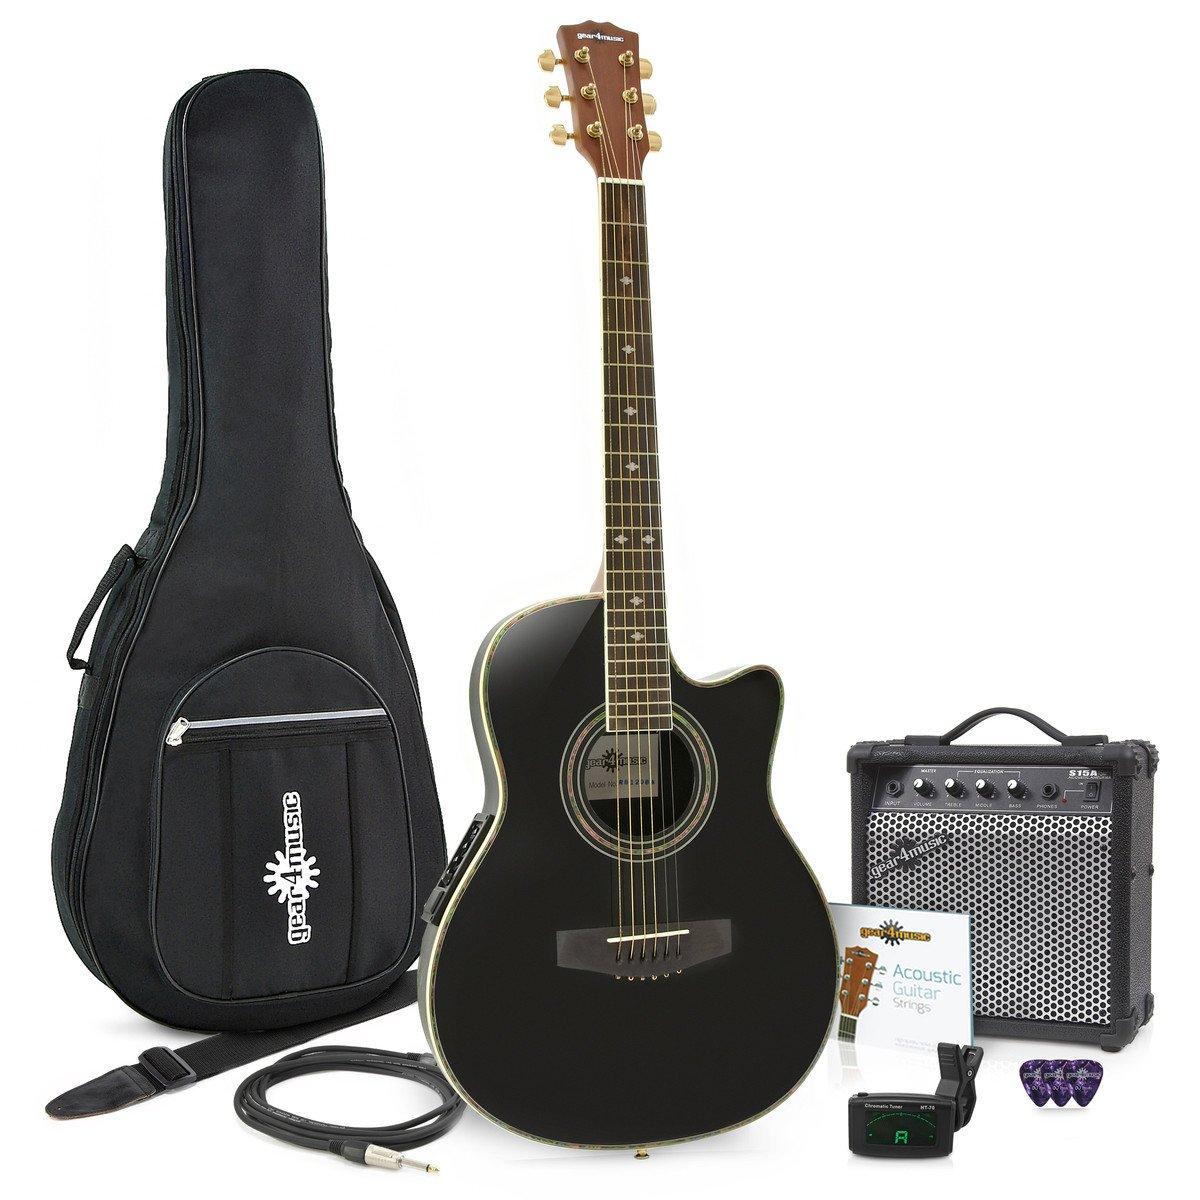 Electroacústica de Tapa Trasera Redonda + Ampli de 15W Negro: Amazon.es: Instrumentos musicales